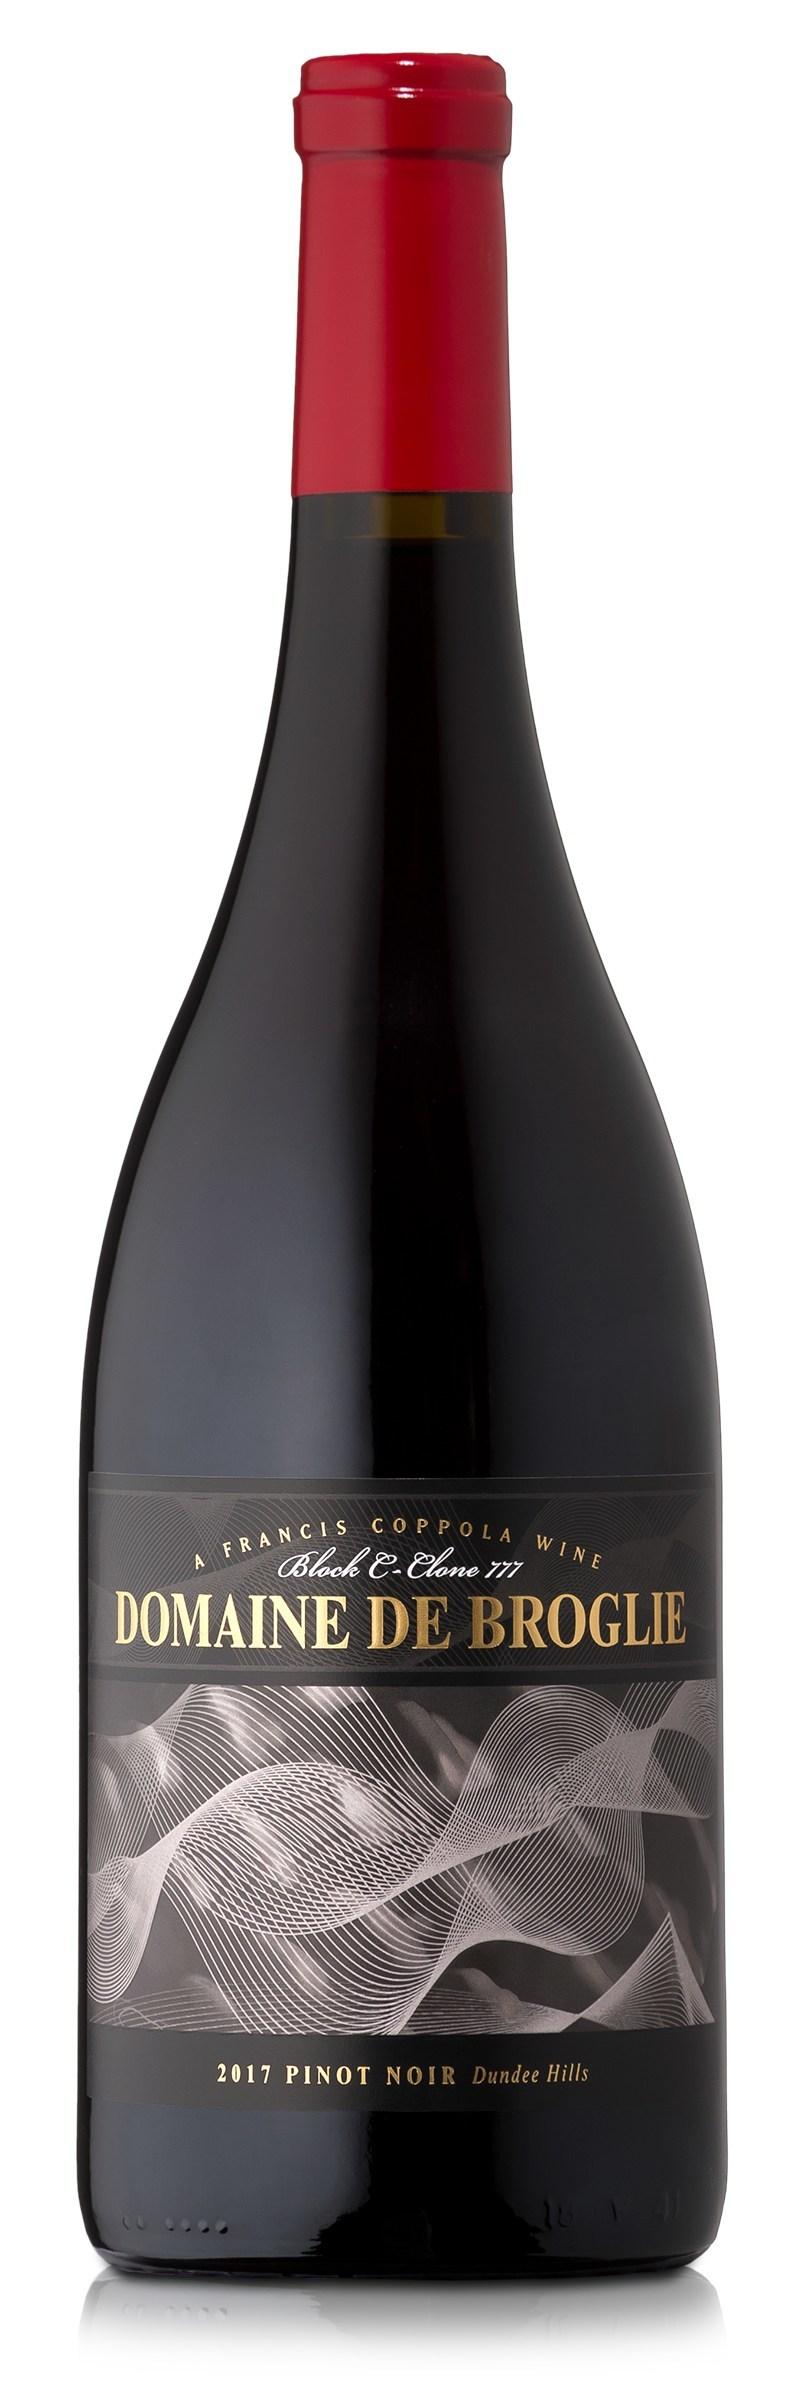 New Release -Domaine de Broglie Pinot Noir—A Francis Coppola Wine